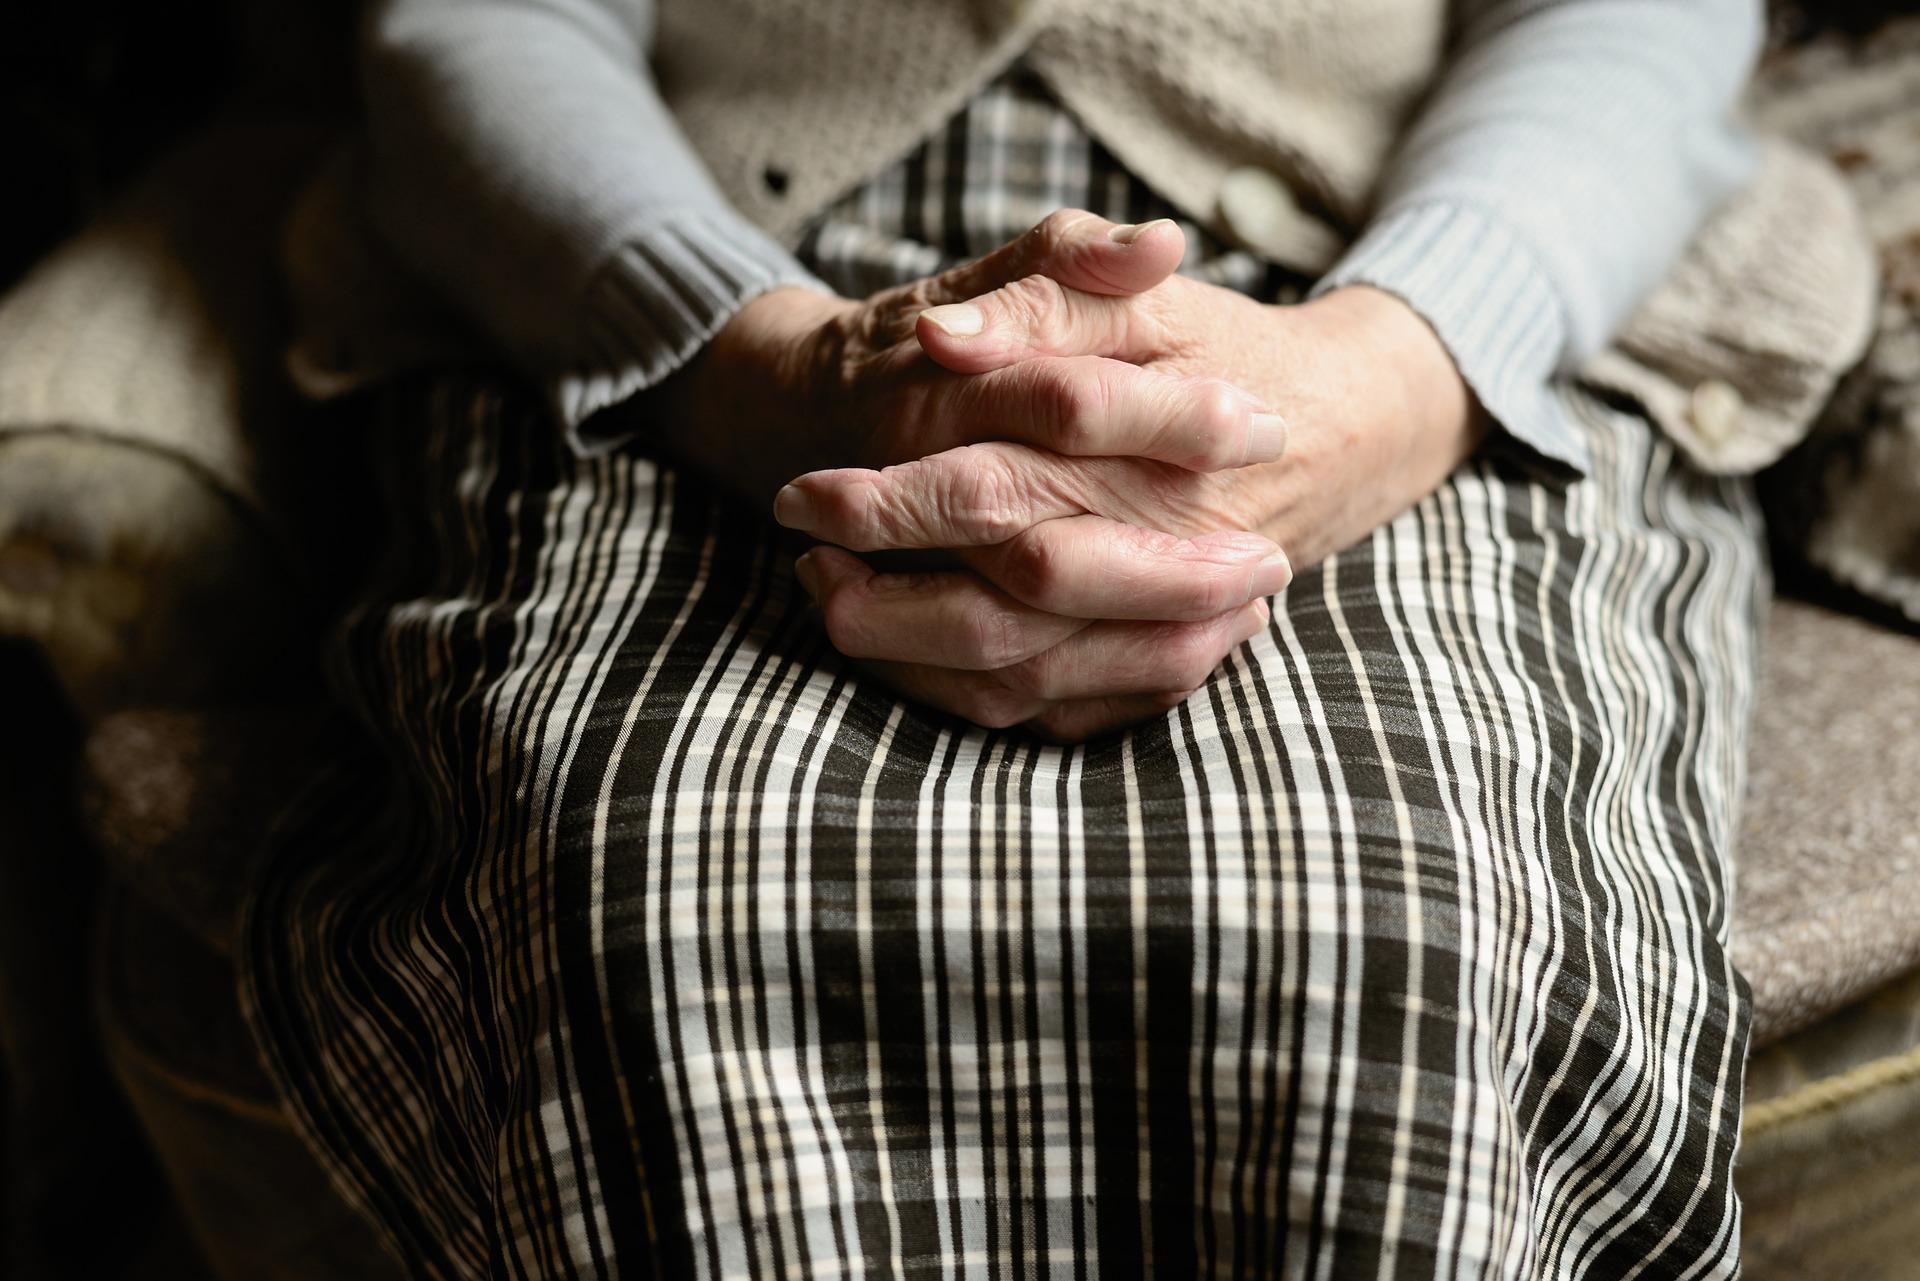 Ręce starszej osoby splecione na podołku